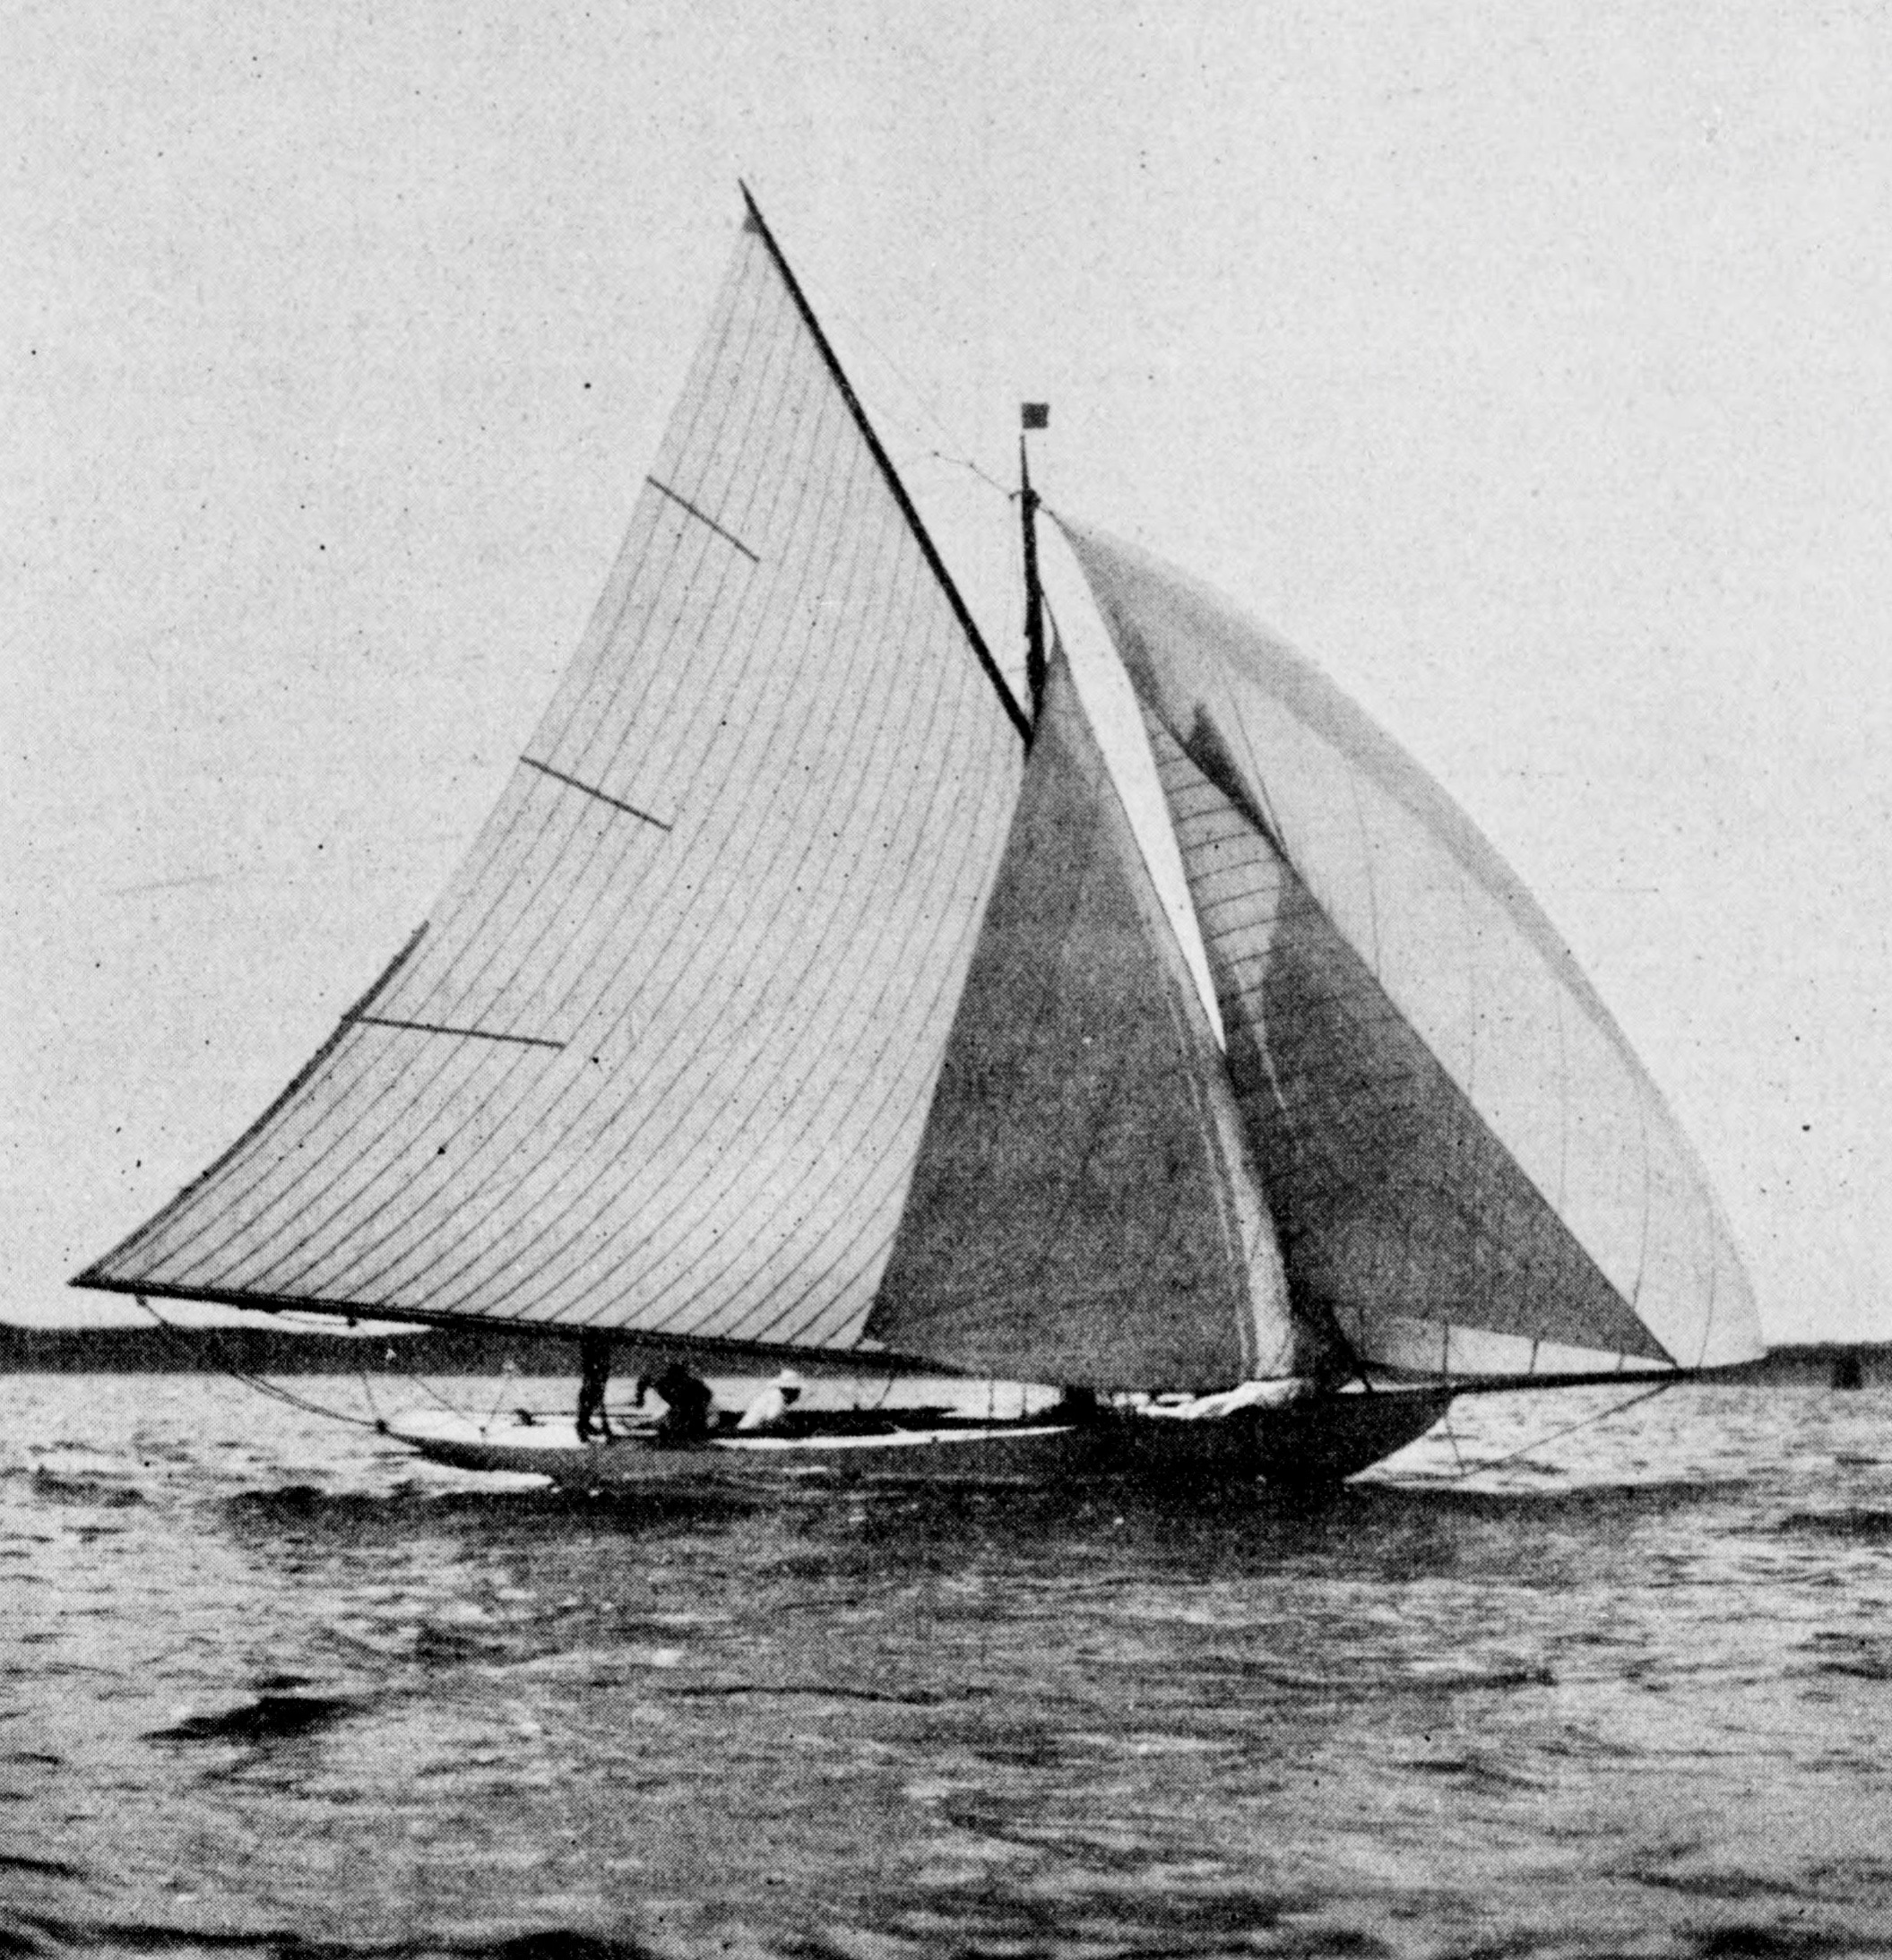 Le cutter Valentine de Madame Renouard naviguant sur le Bassin d'Arcachon